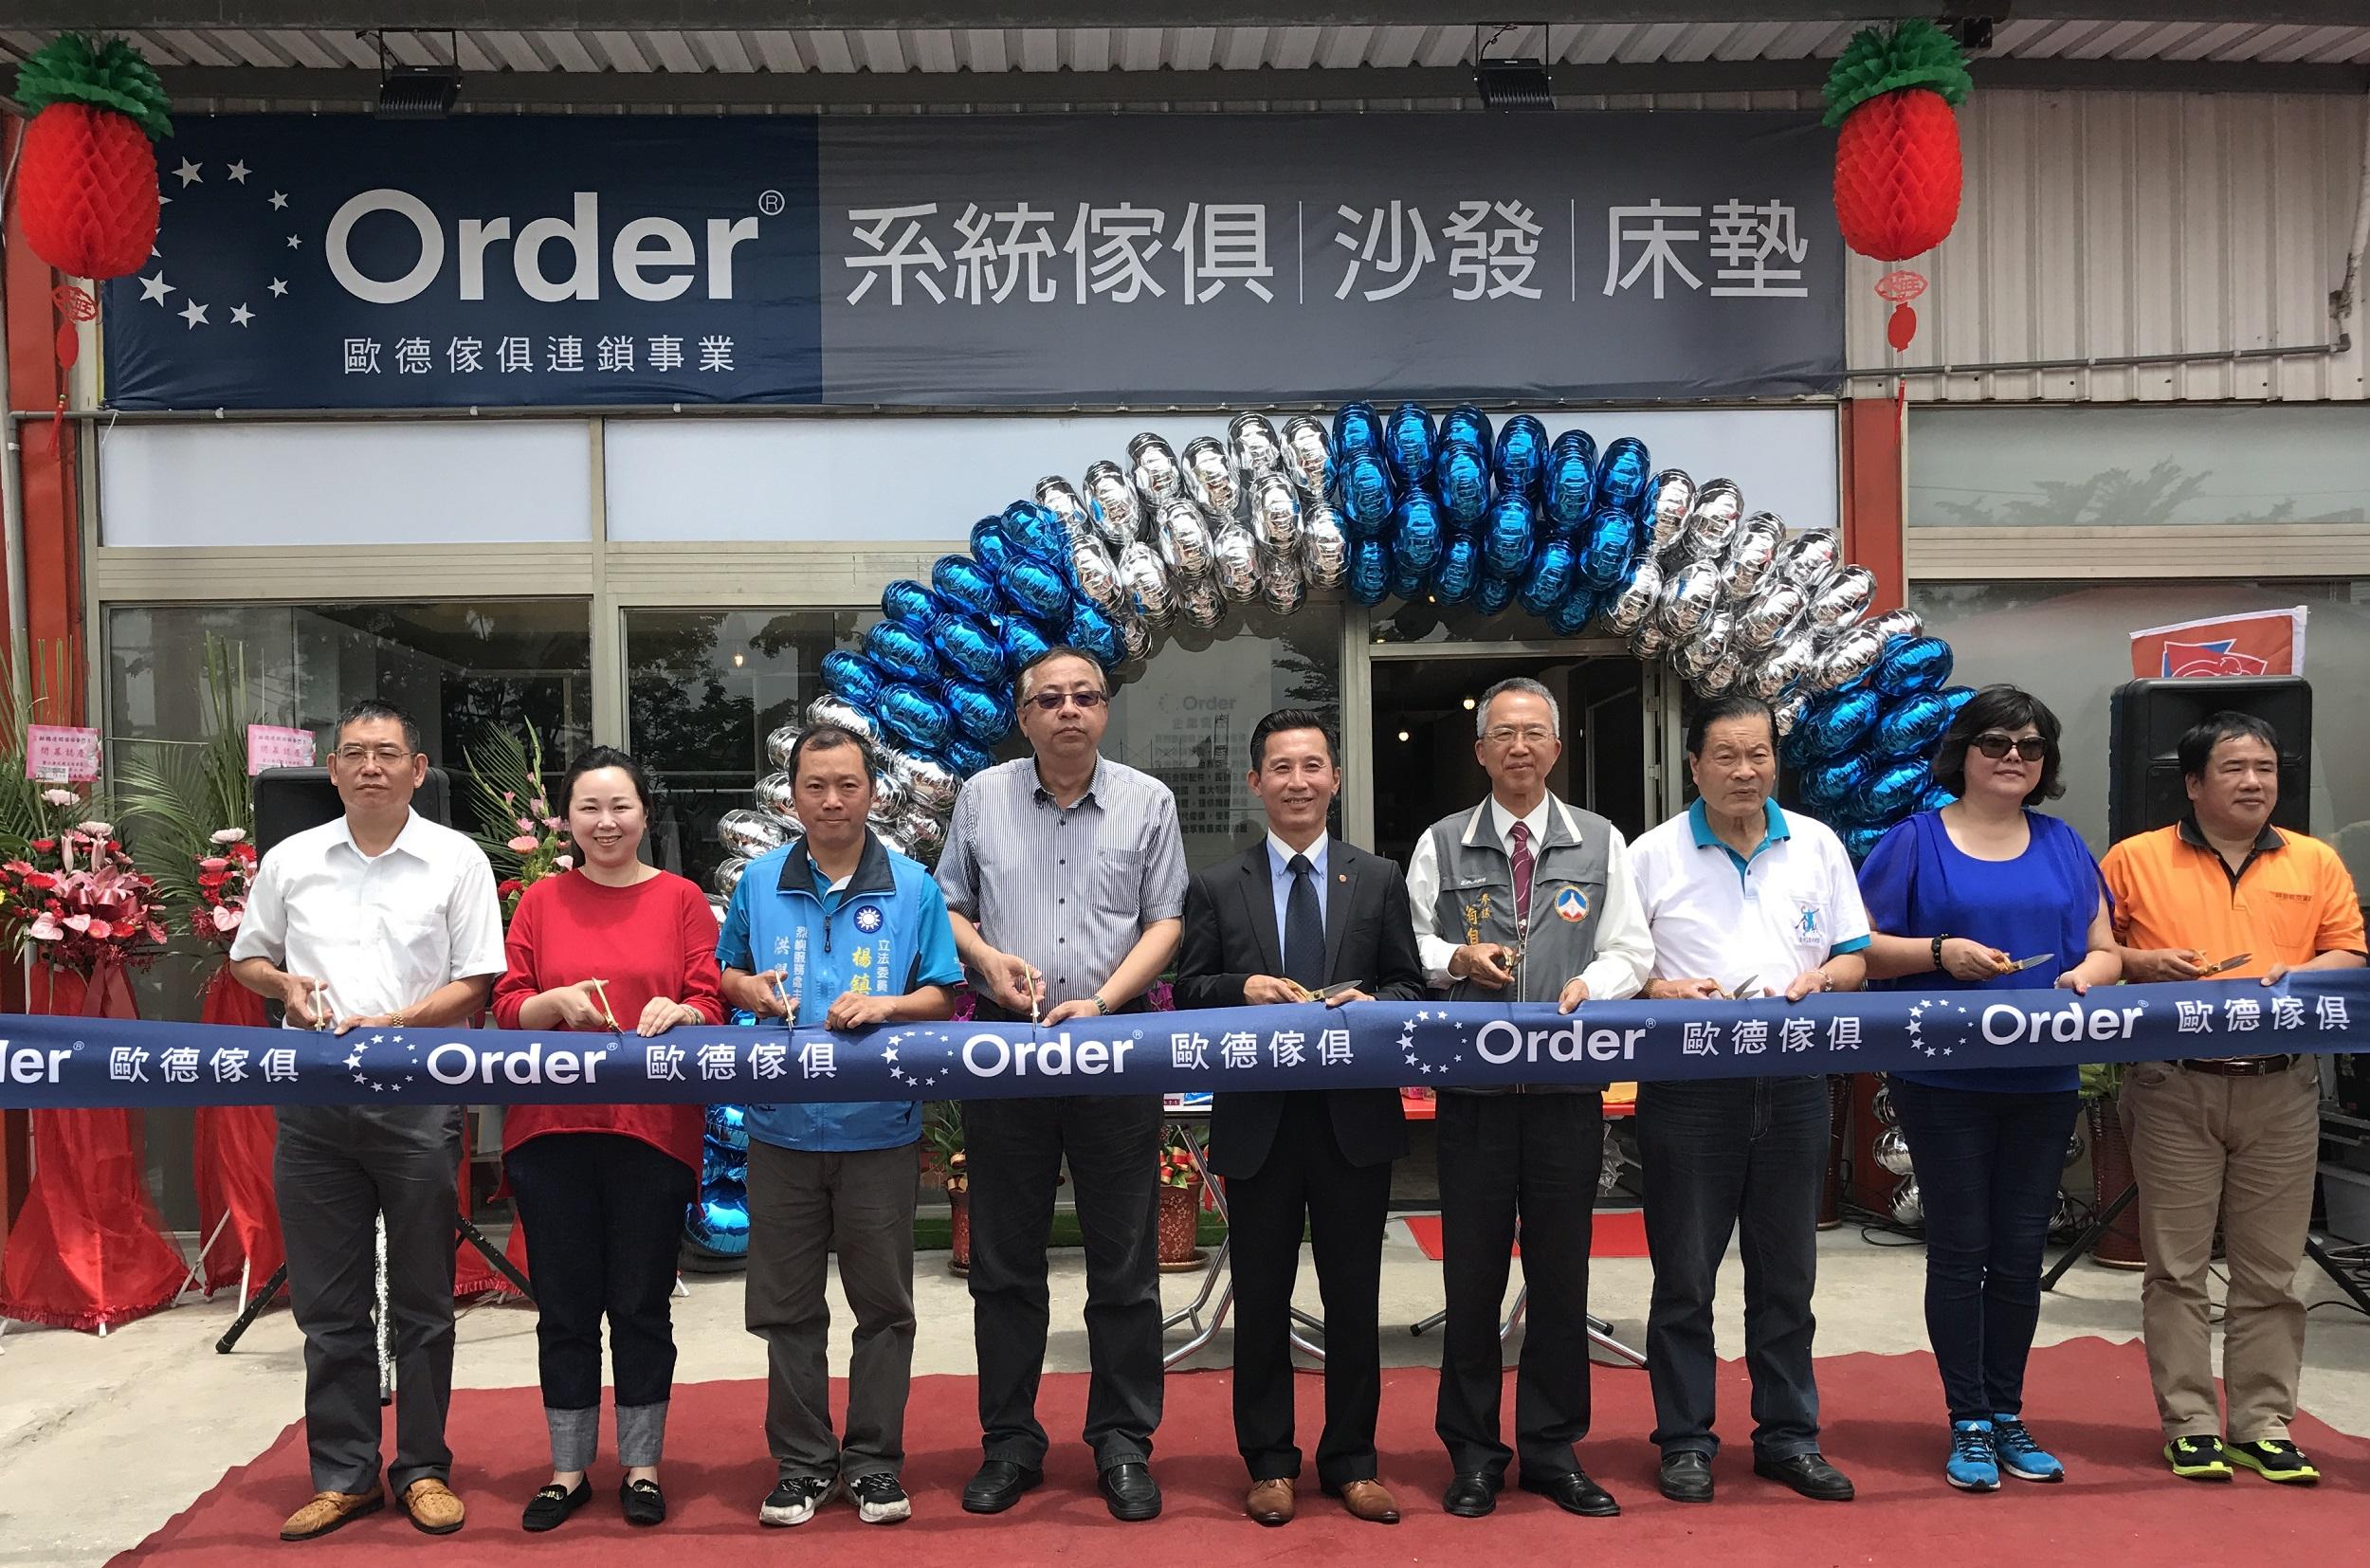 前進全國最快樂縣市 歐德集團金門店開幕